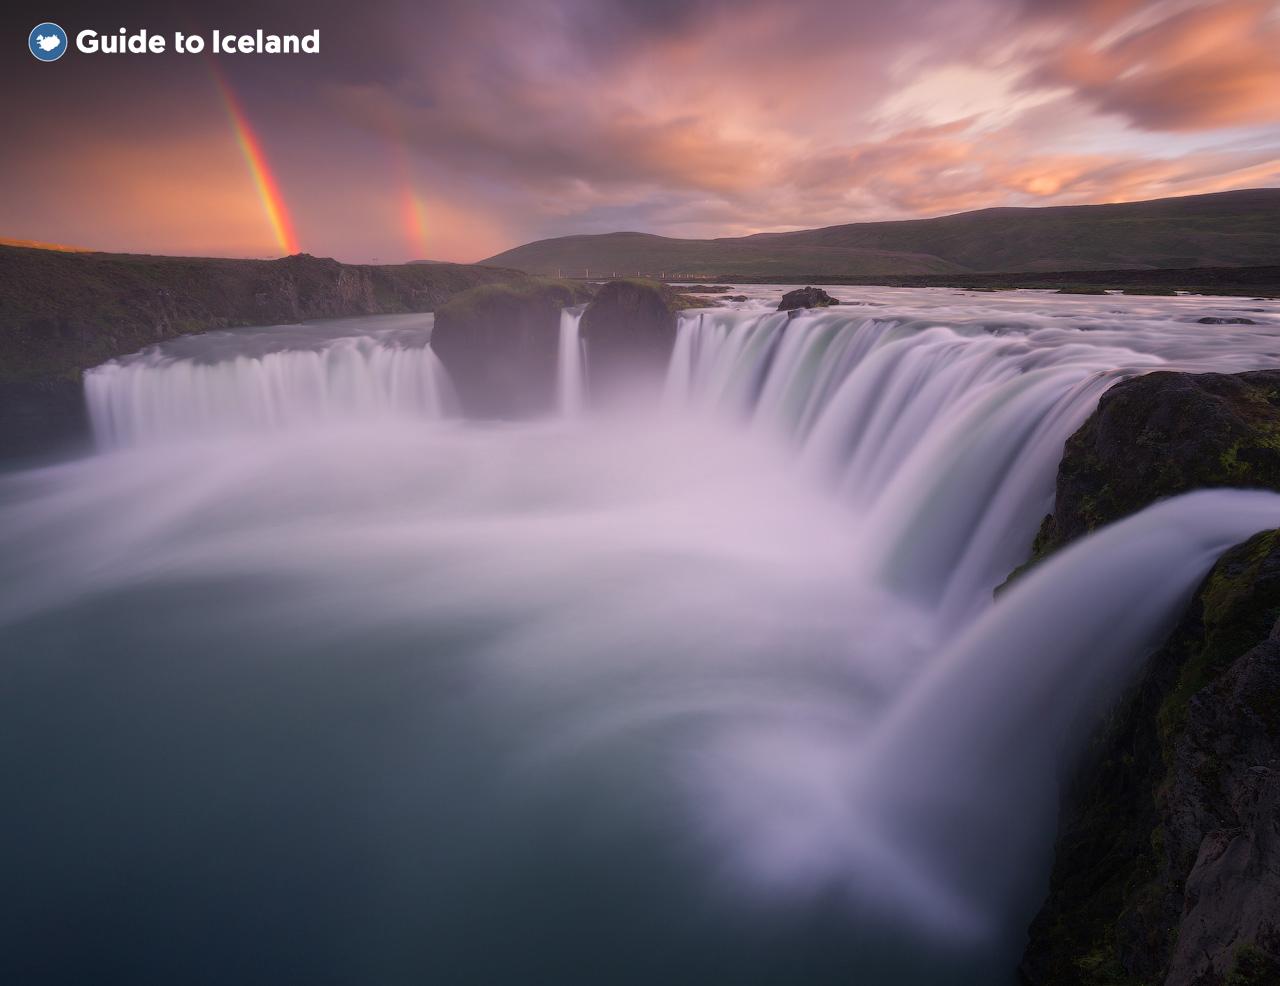 Один из водопадов северной Исландии в лучах закатного солнца.